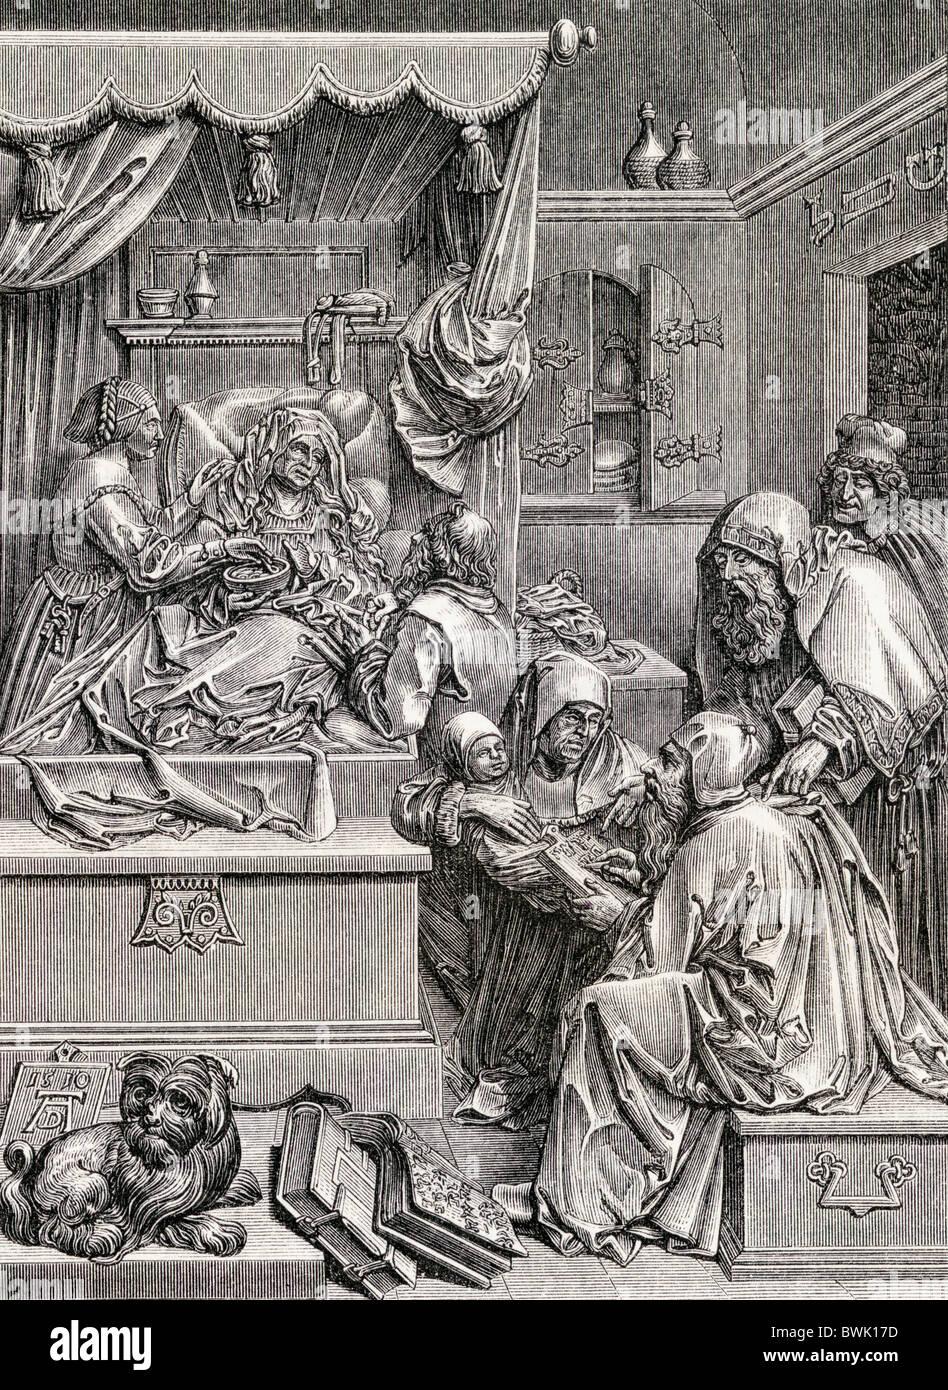 Hochrelief-Skulptur von Albrecht Dürer der Geburt von St. John. 16. Jahrhundert. Stockbild